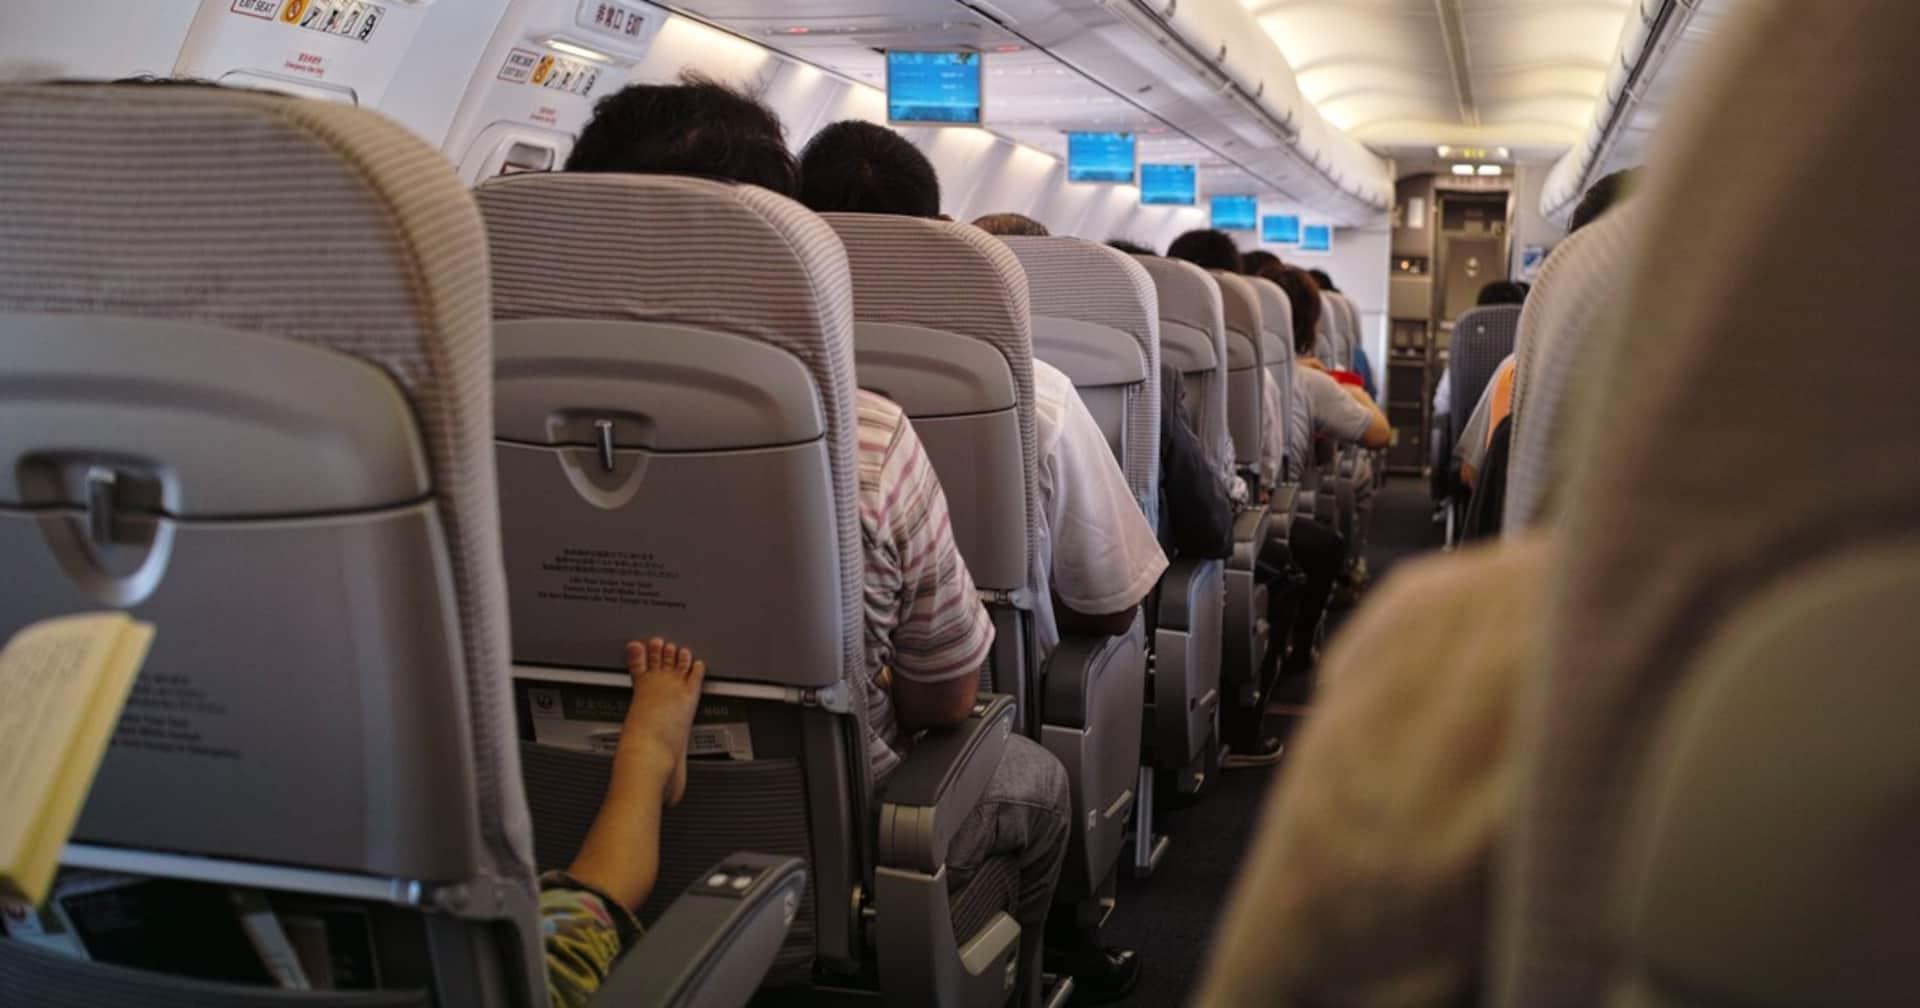 旅行通が必ず持ち込む「機内快適グッズ」とは?